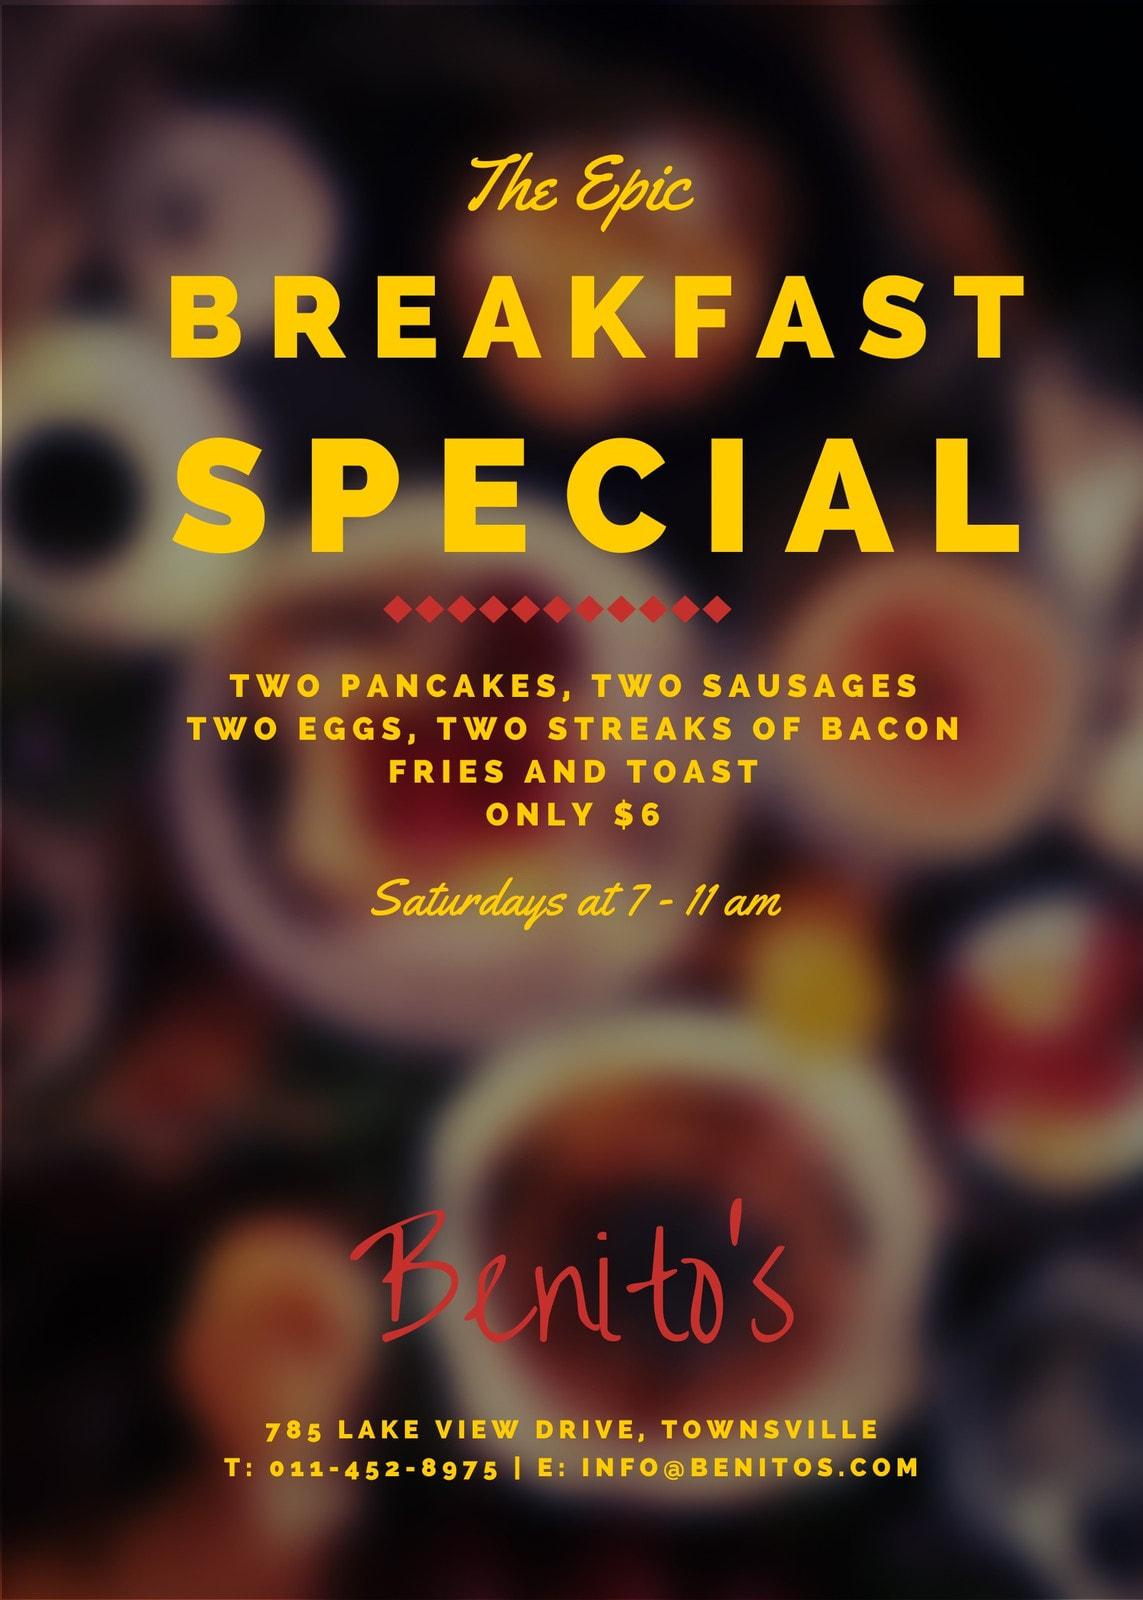 Tasty Breakfast Promotional Flyer